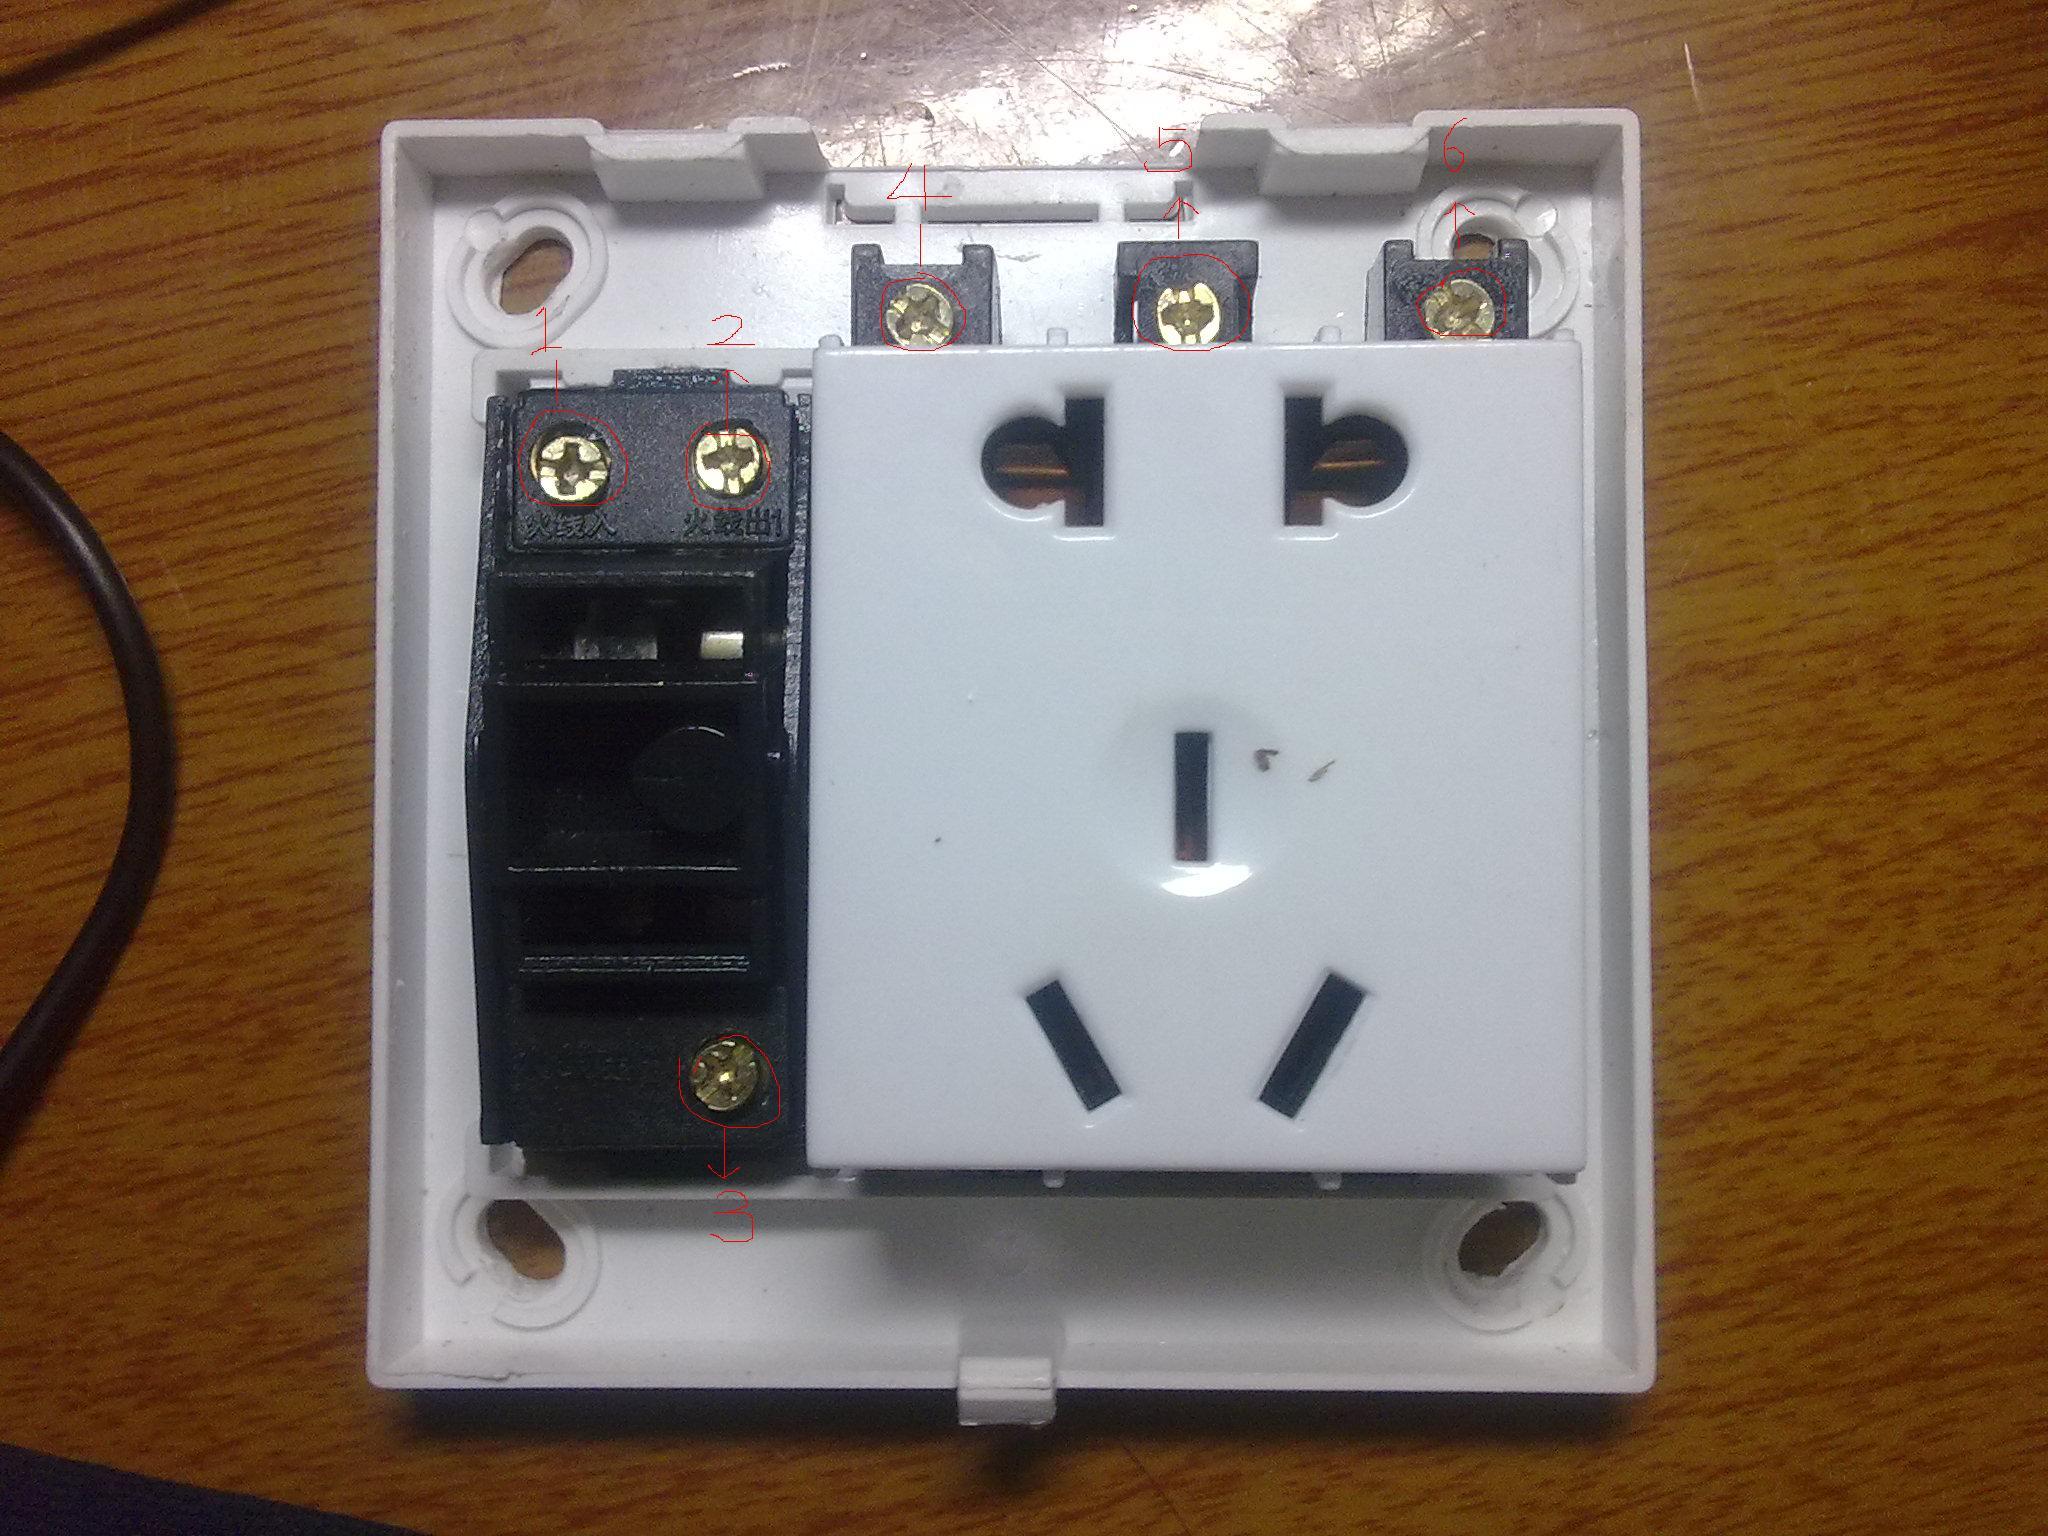 二三极五孔插座带开关接法 只有两条线的接法 带图图片